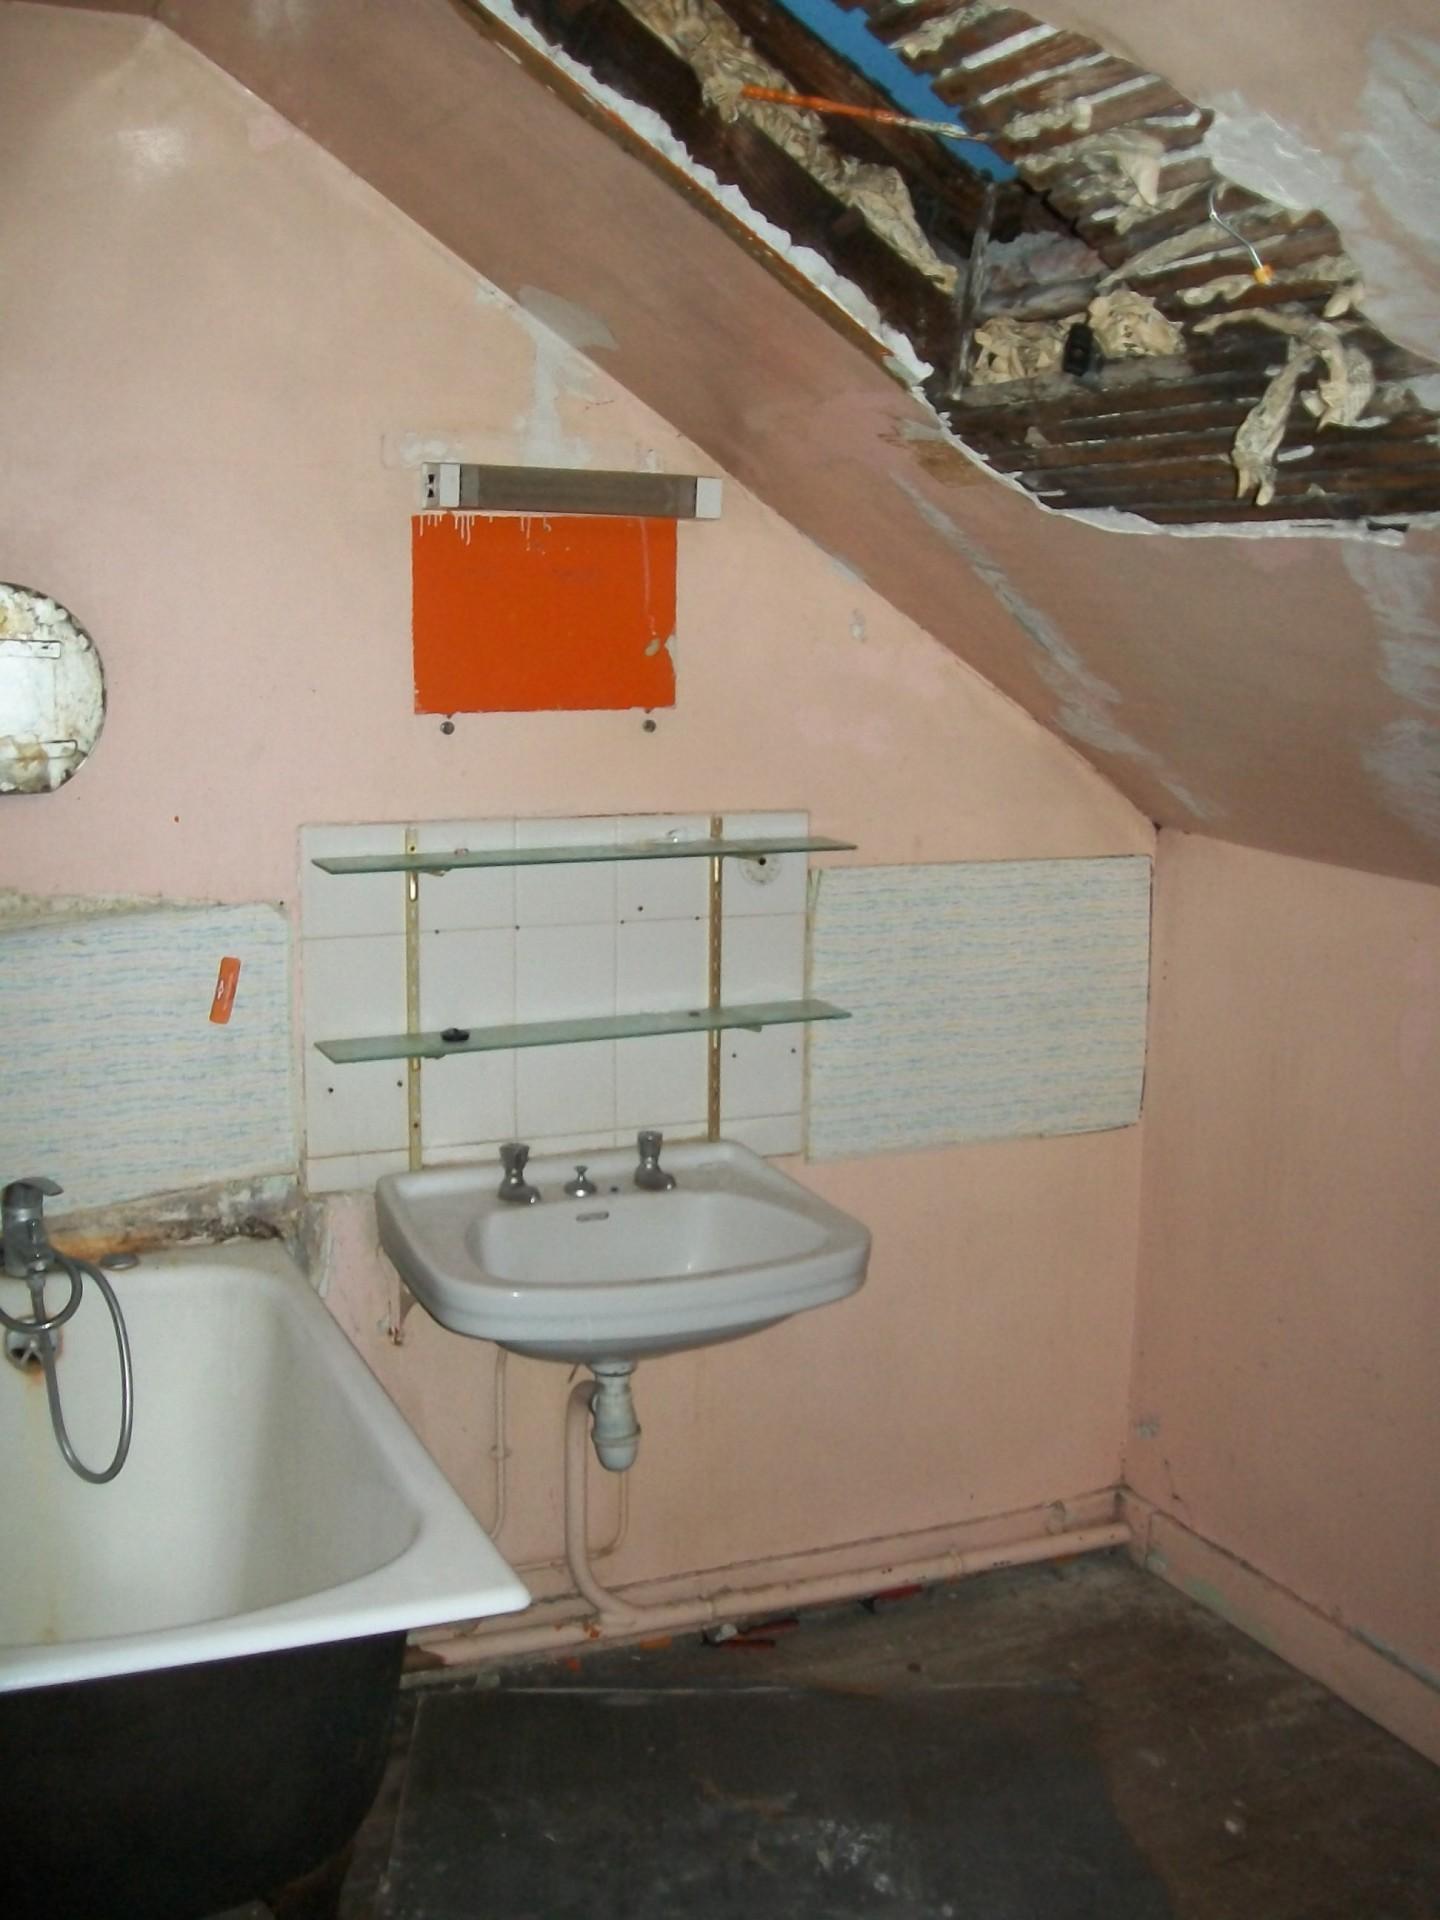 Réfection de salle de bains avant travaux